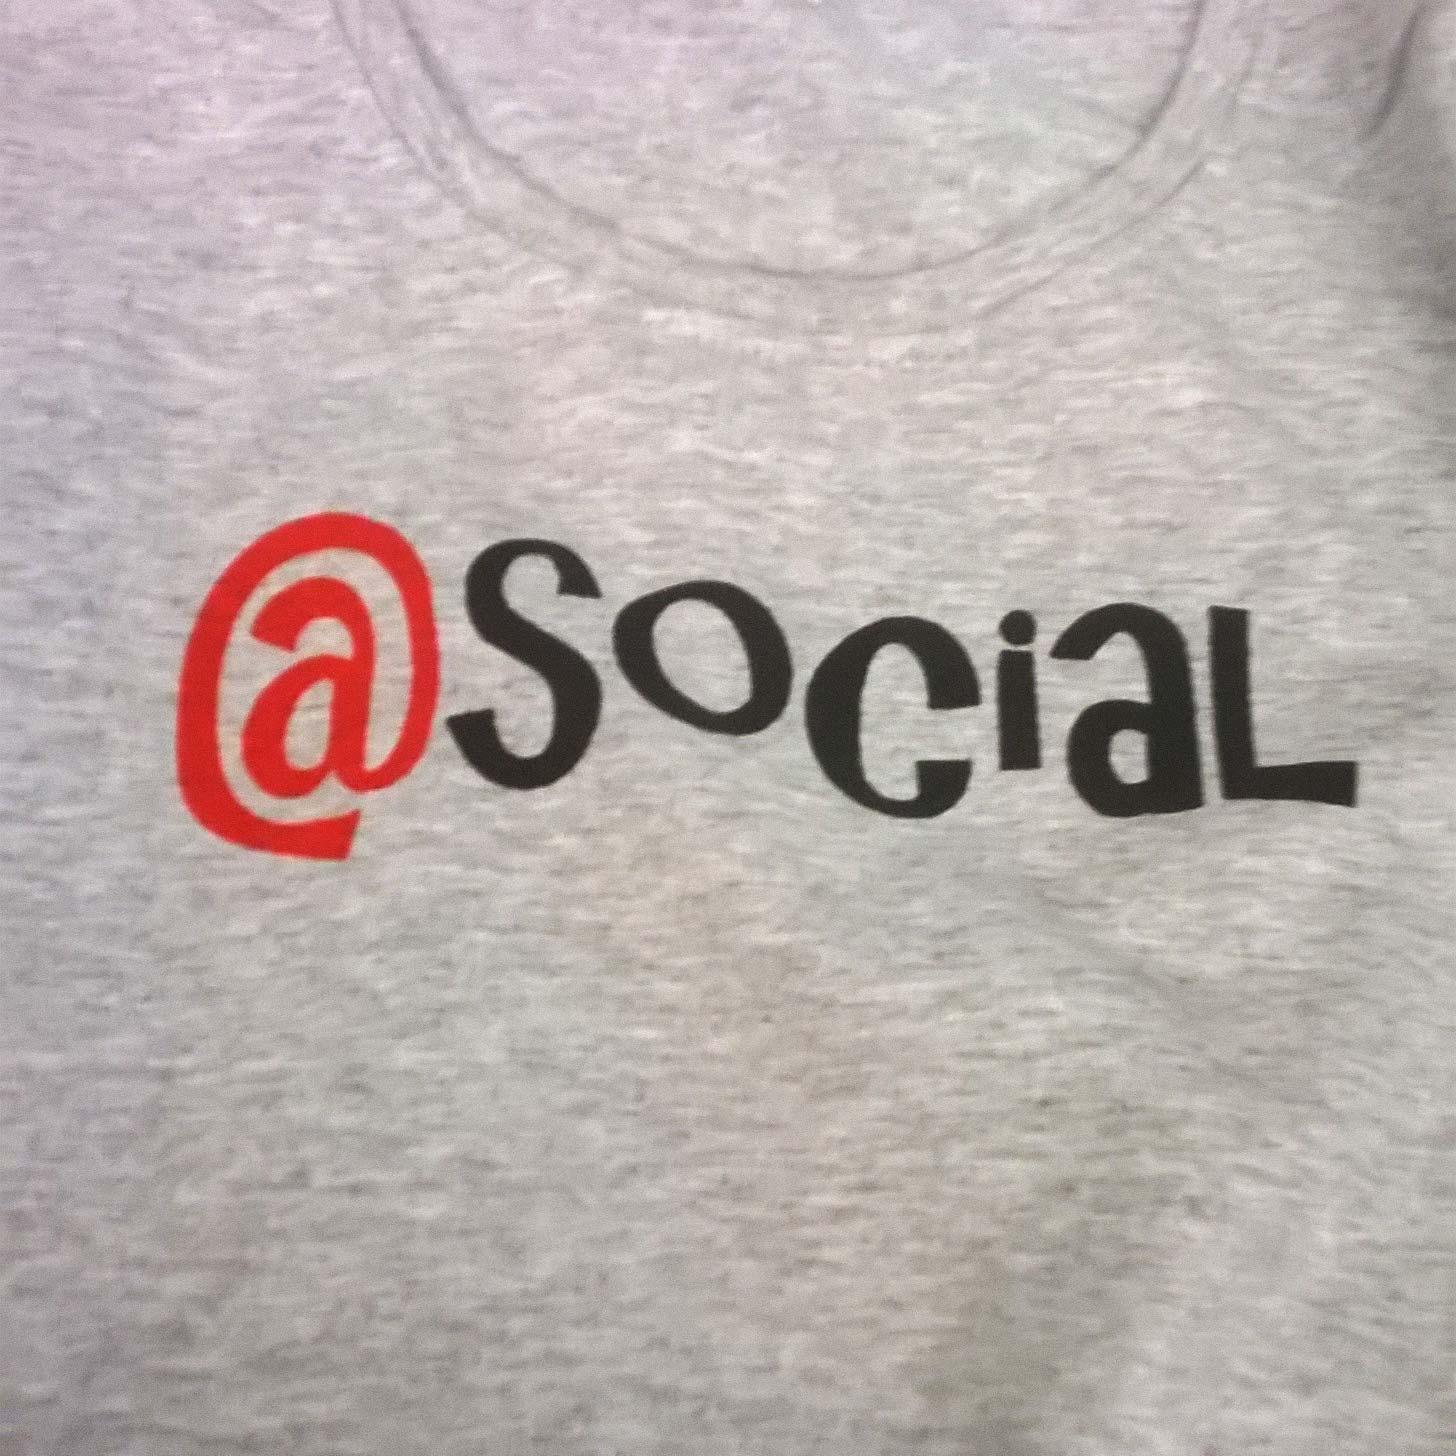 @social